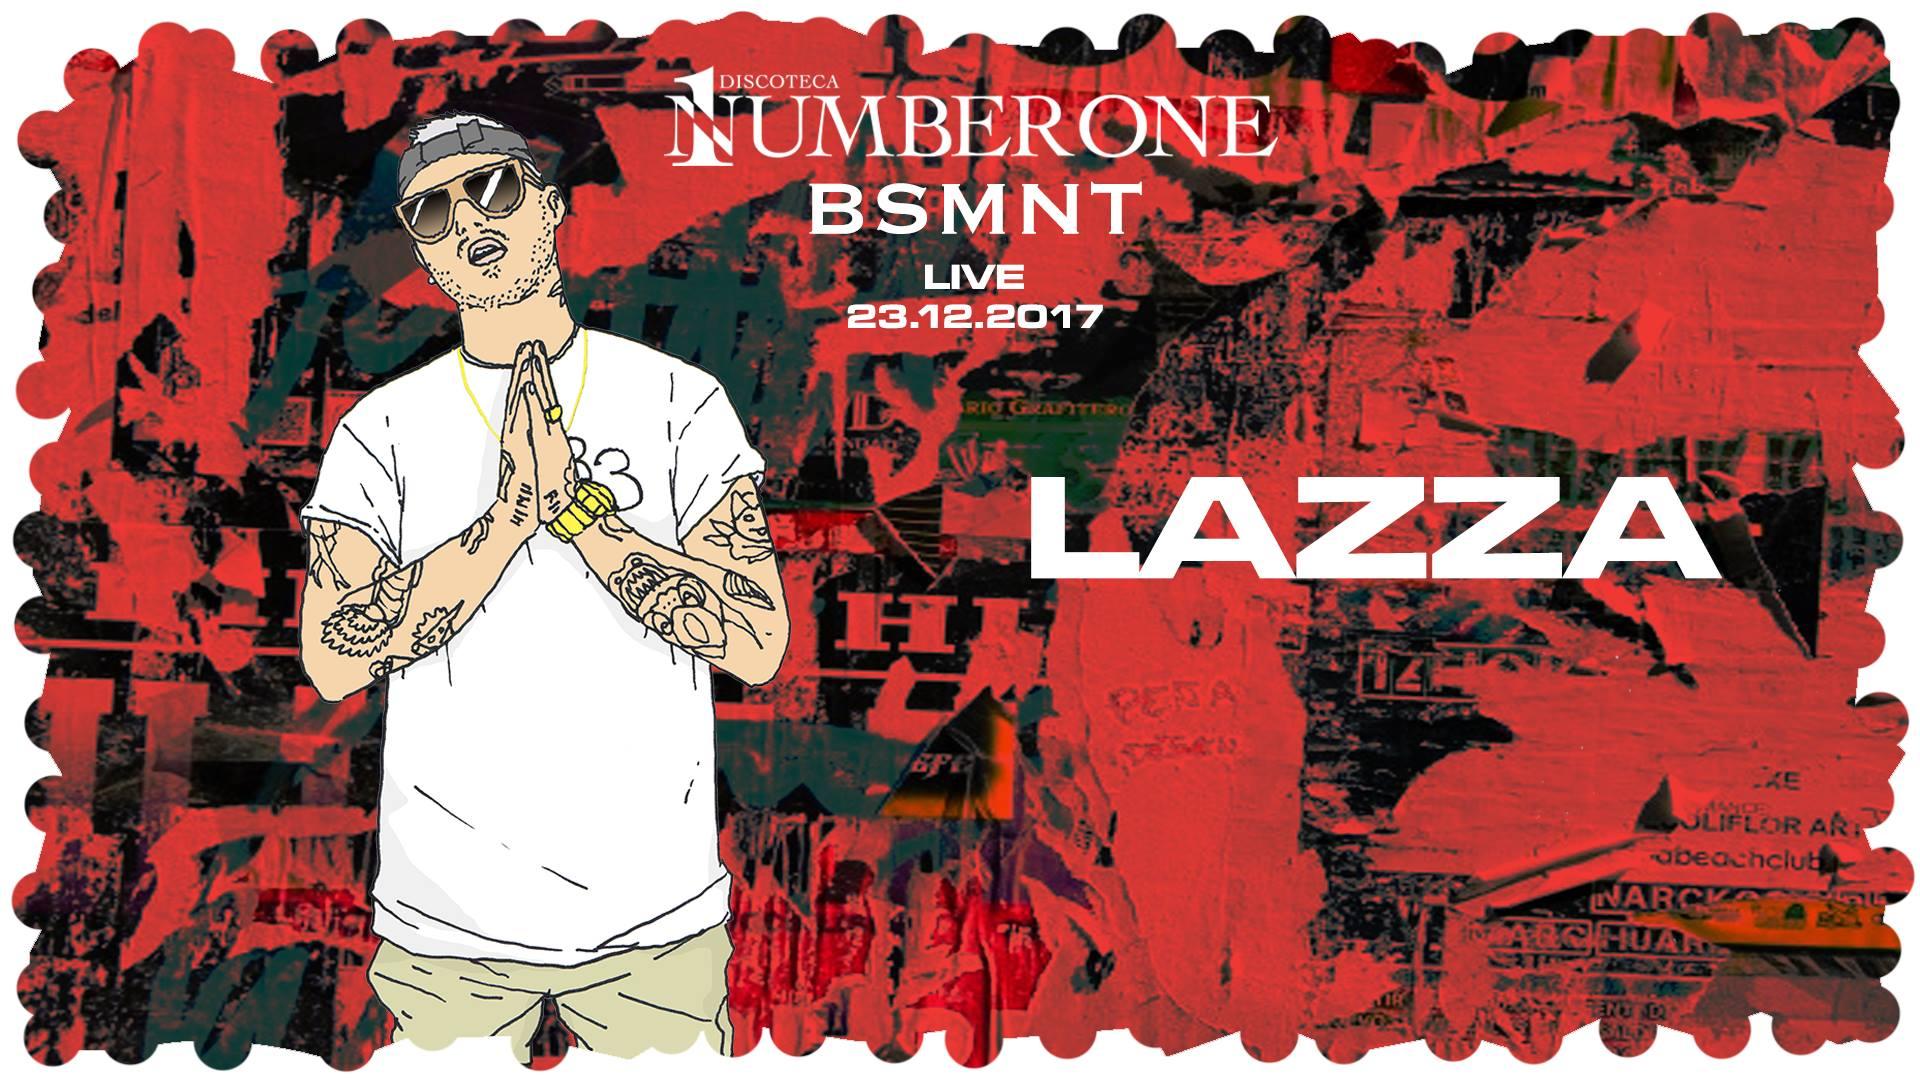 Basement live – Lazza